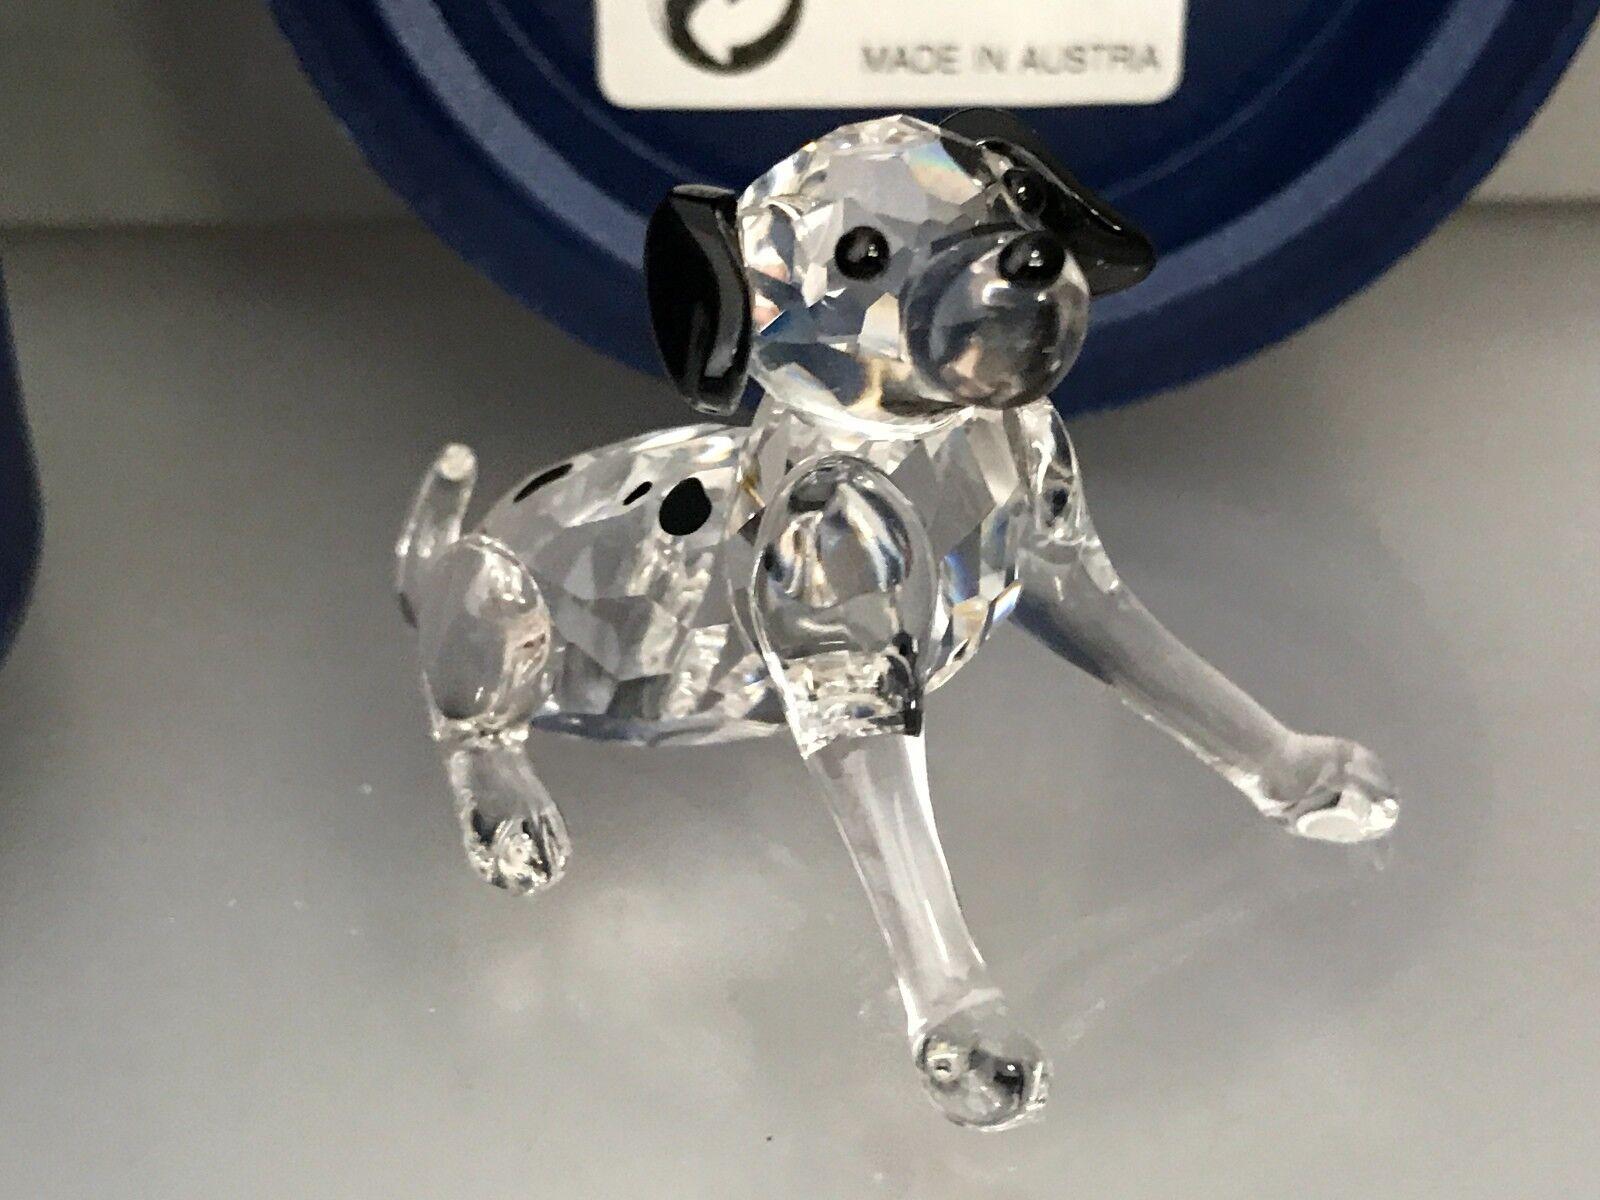 Swarovski Figur Dalmatiner 6 cm.Mit Ovp & Zertifikat.Top Zuland